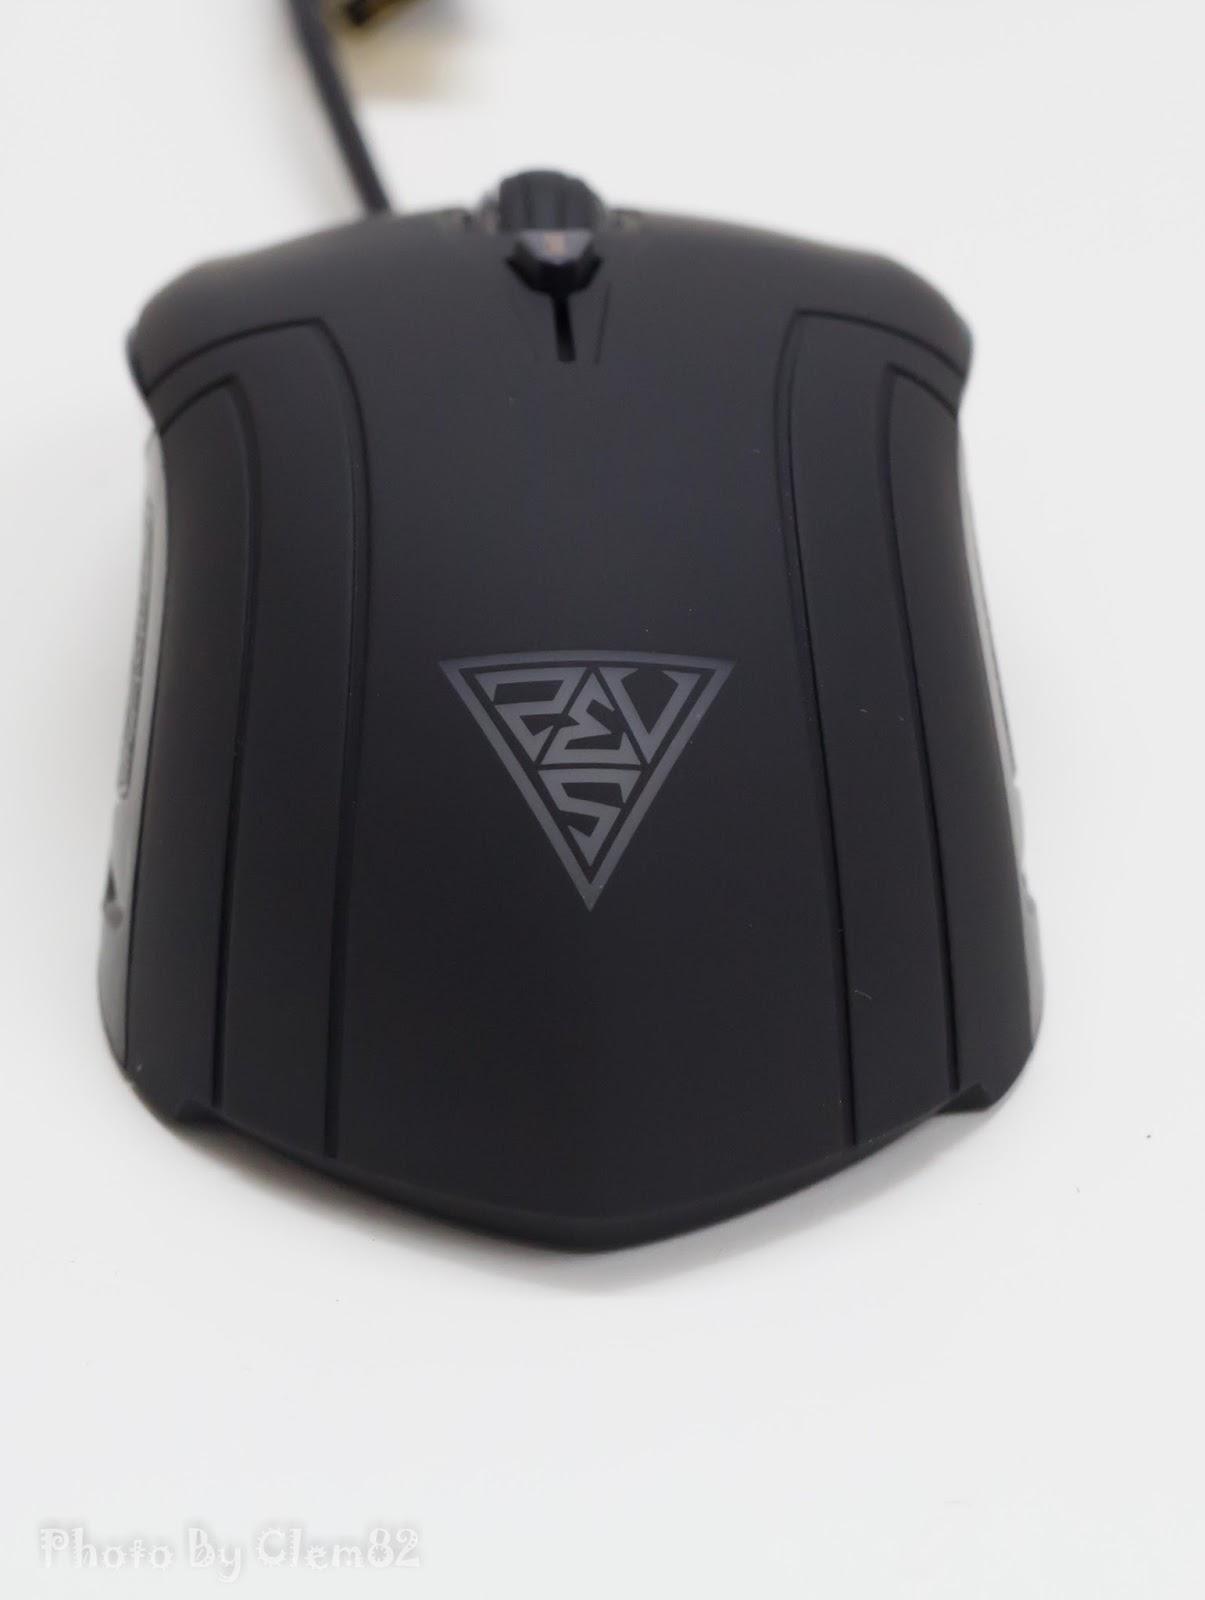 Gamdias Demeter Optical Gaming Mouse 6